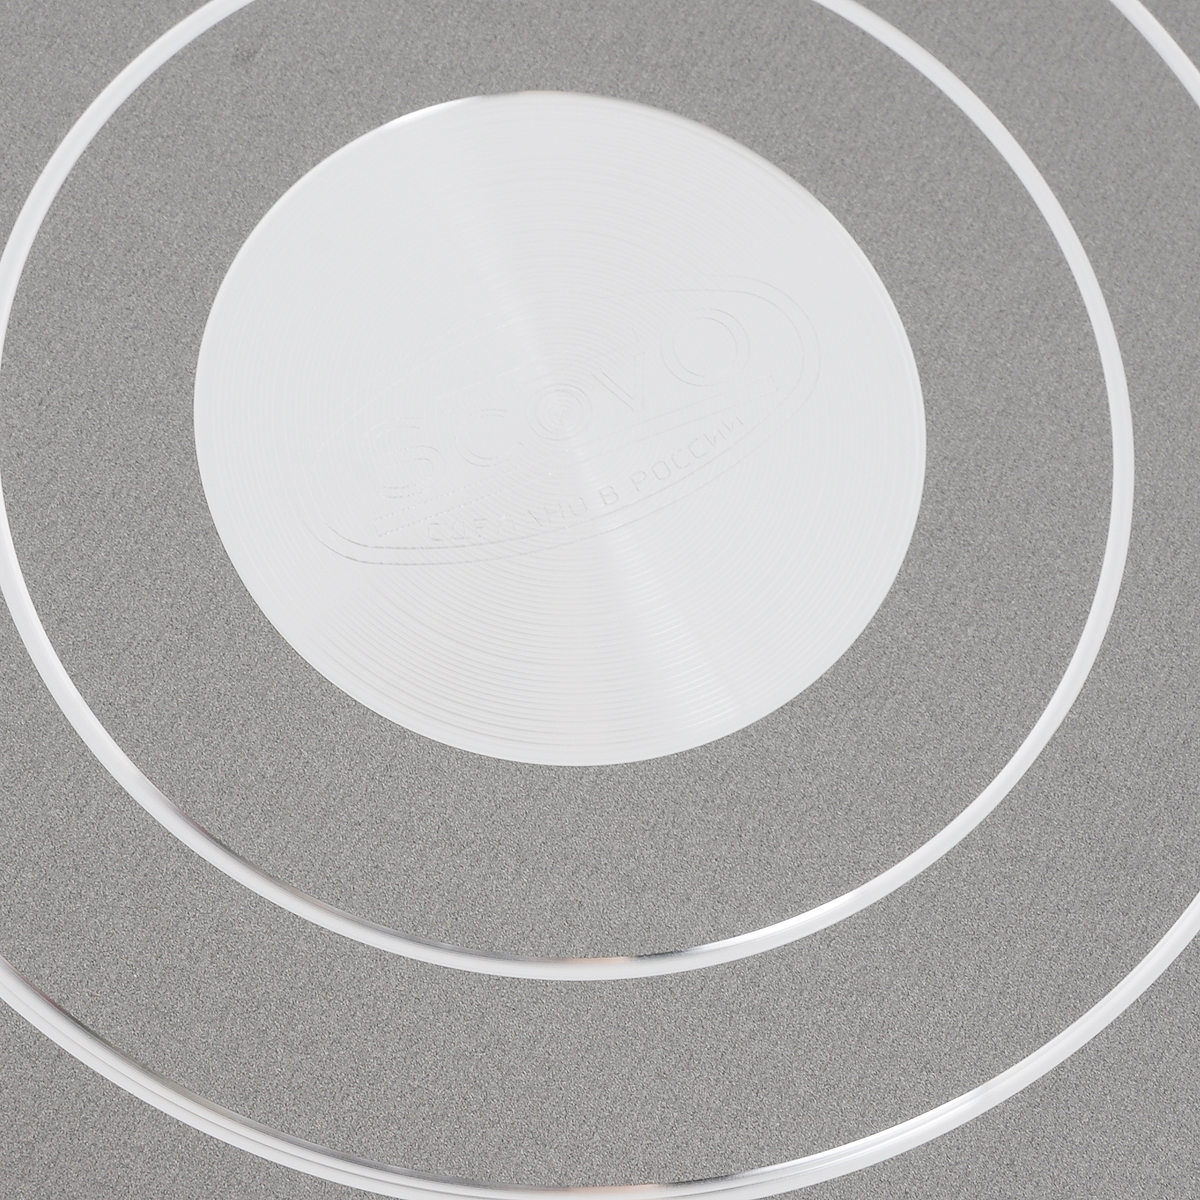 """Блинница Scovo """"Discovery"""" выполнена из качественного алюминия с антипригарным покрытием.   Такое покрытие жаропрочное, экологически чистое и полностью безопасное, без вредных   соединений и примесей. За счет того, что пища не пригорает и не пристает к покрытию   сковороды, ее легко и быстро мыть.  Изделие оснащено удобной пластиковой ручкой. А специальная плоская форма сковороды   идеальна для приготовления блинов, яичницы и пиццы.  Блинница подходит для газовых, электрических и   стеклокерамических плит. Также его можно мыть в   посудомоечной машине.   Диаметр сковороды (по верхнему краю): 25 см.  Высота стенки: 1,5 см.  Длина ручки: 18,5 см.     Простой рецепт блинов на Масленицу – статья на OZON Гид."""